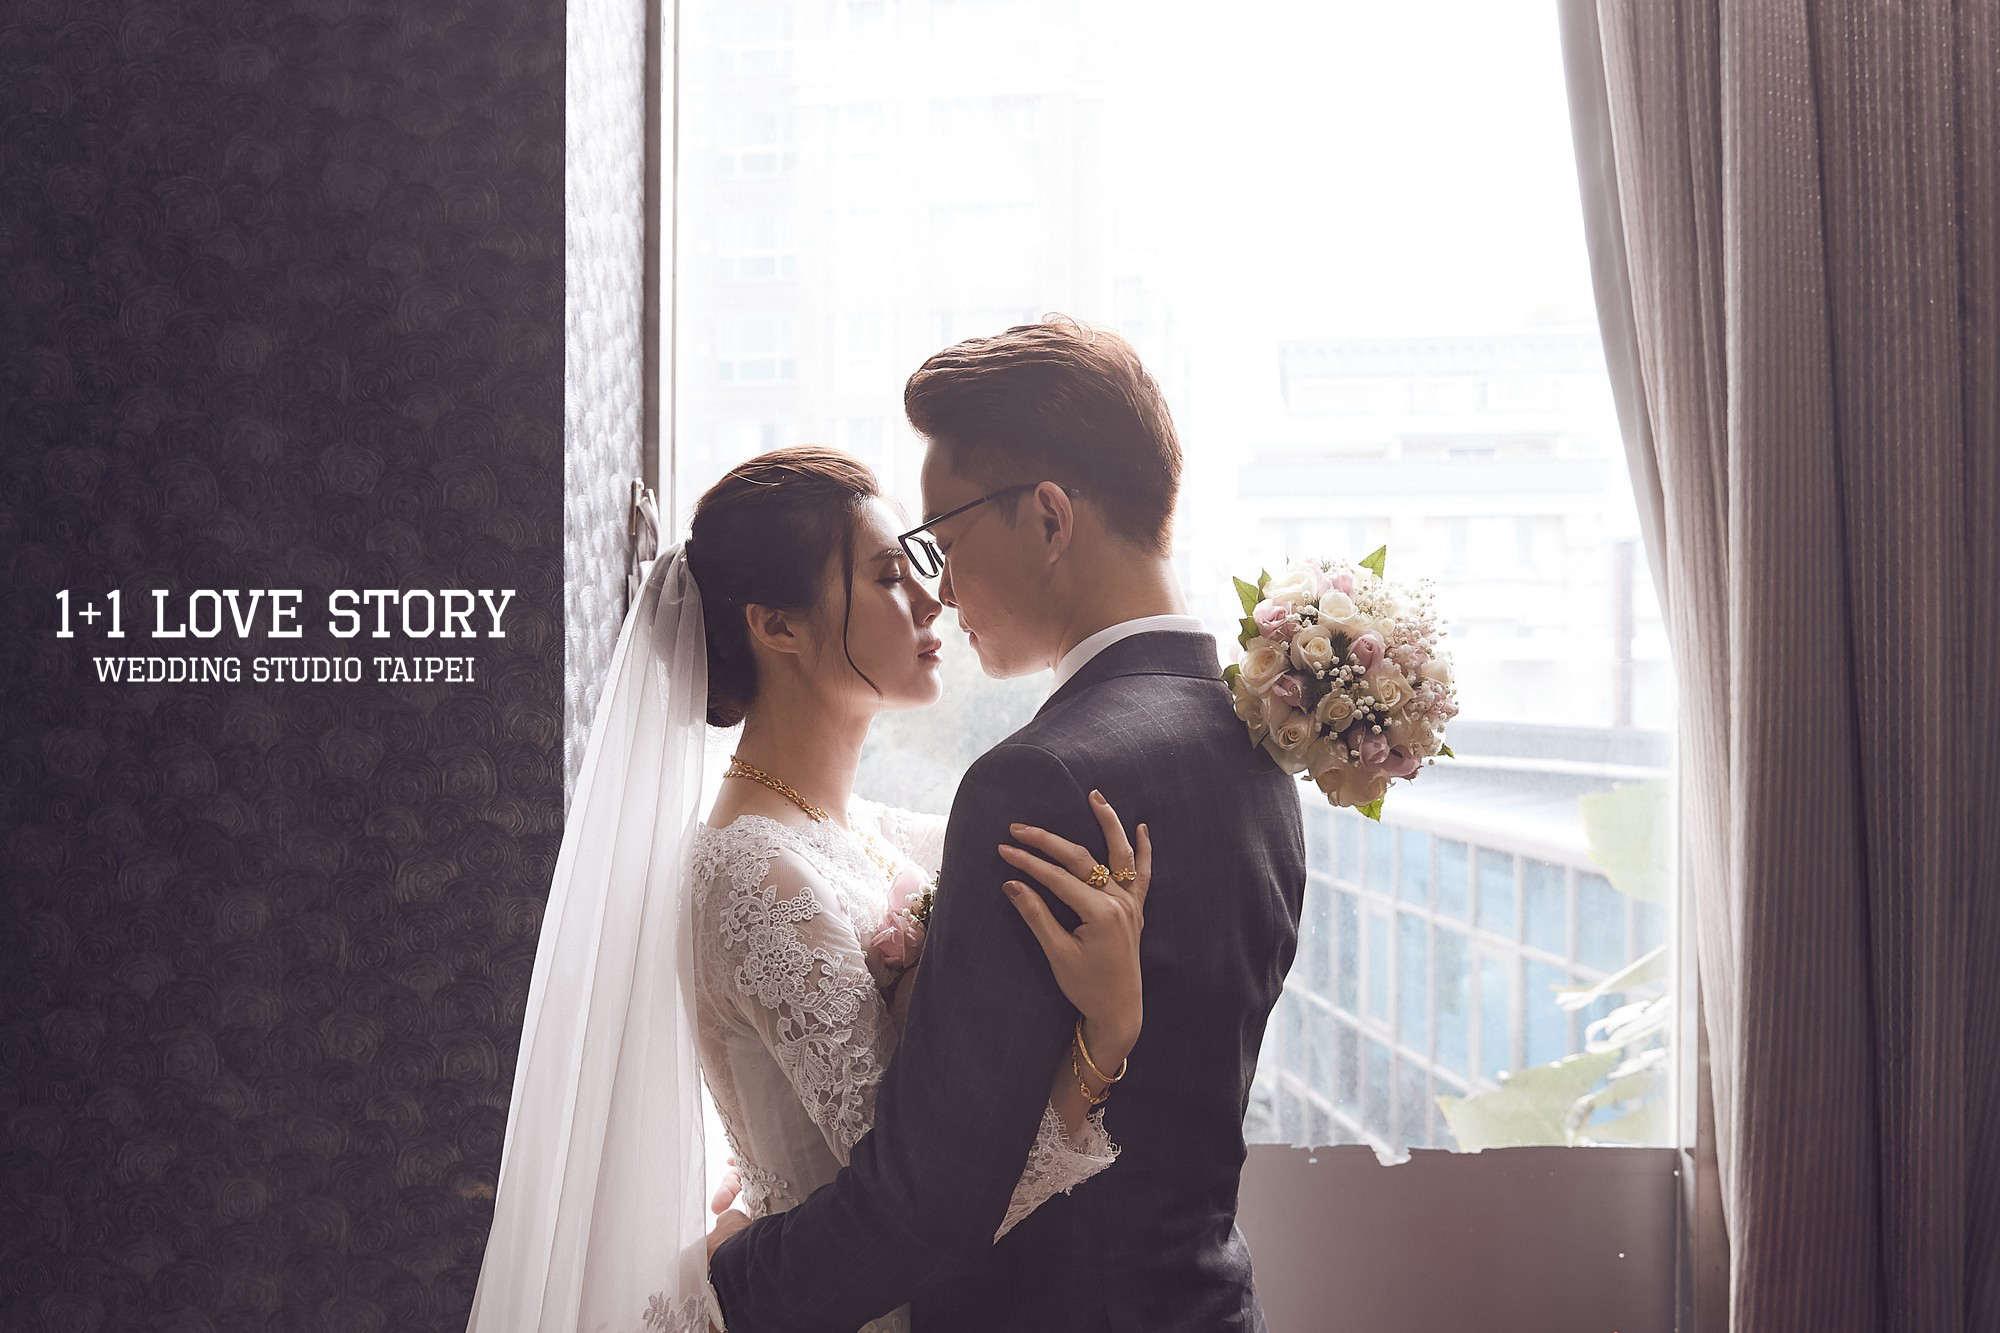 婚禮錄影,婚錄,婚禮記錄,婚禮紀錄